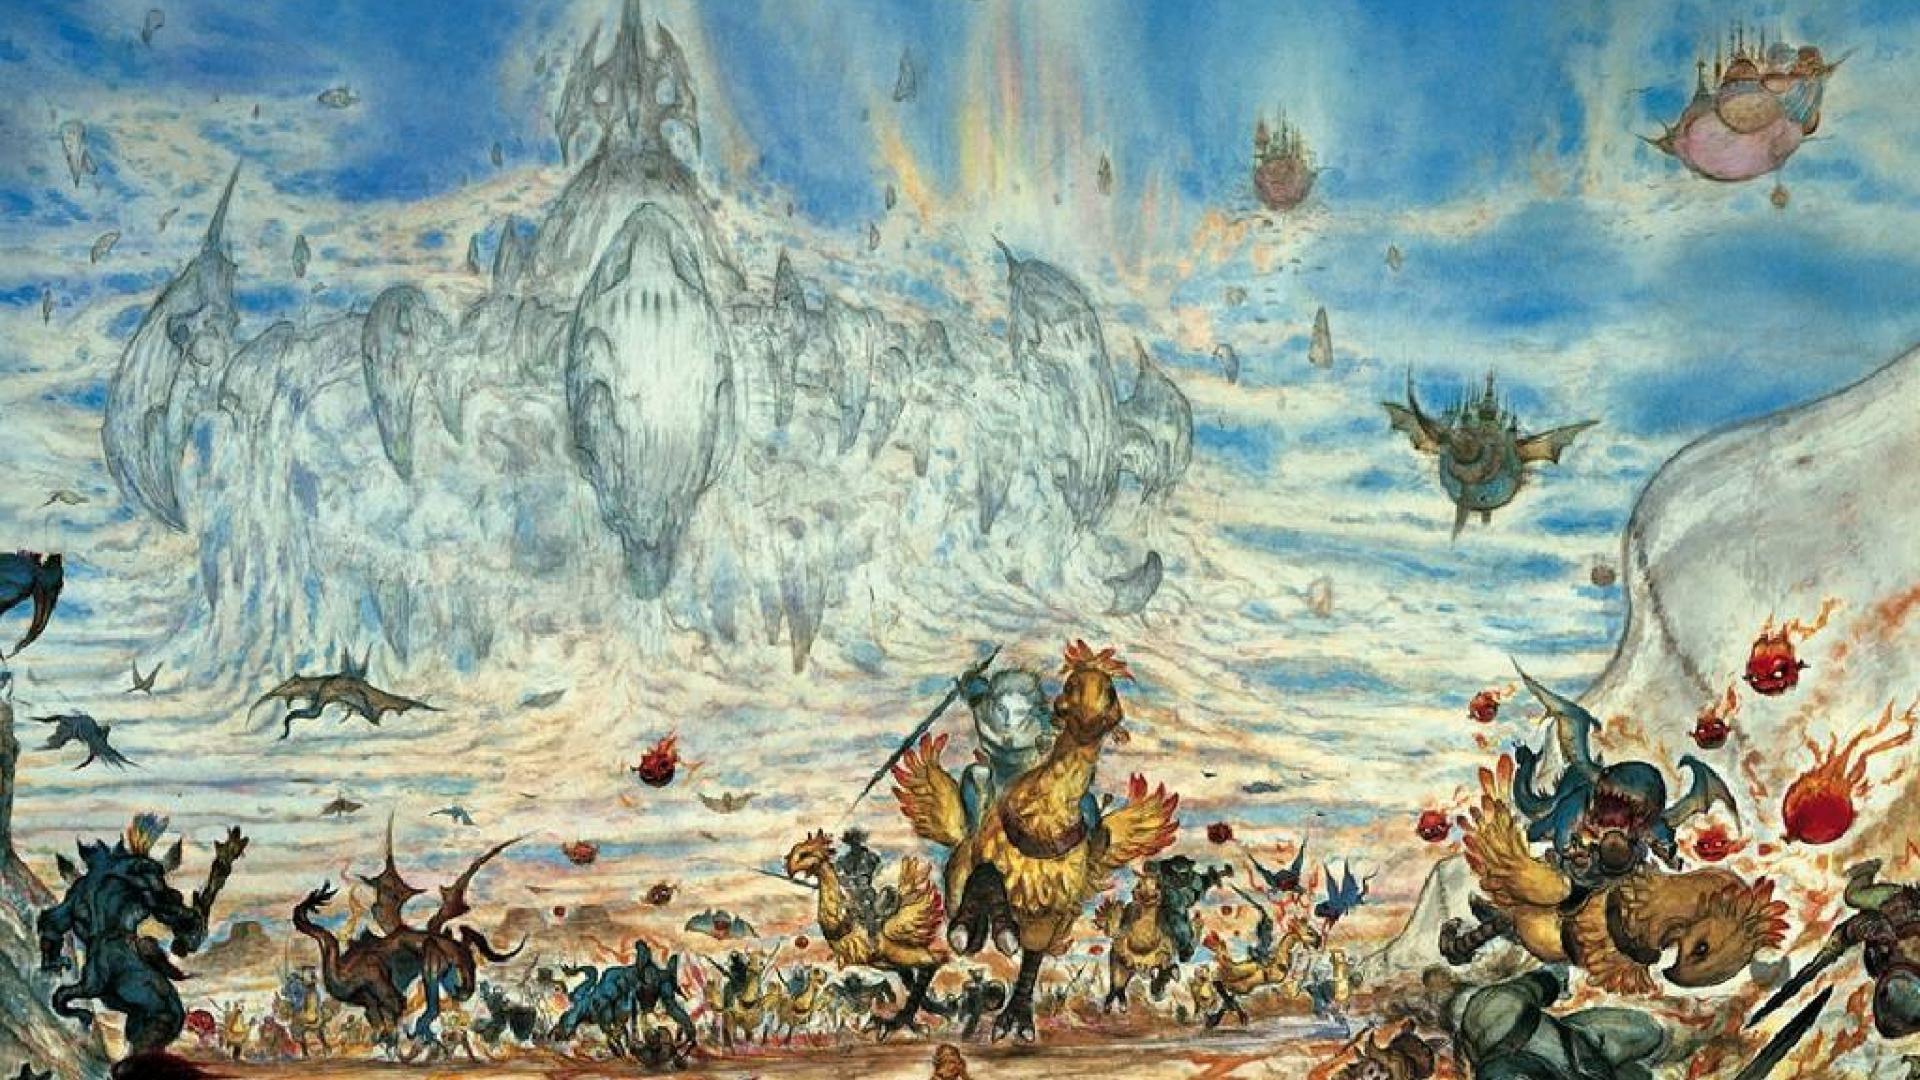 1920x1080, Amano1 Amano Ff Pictures Anyone Wallpaper - Final Fantasy Art Yoshitaka Amano - HD Wallpaper